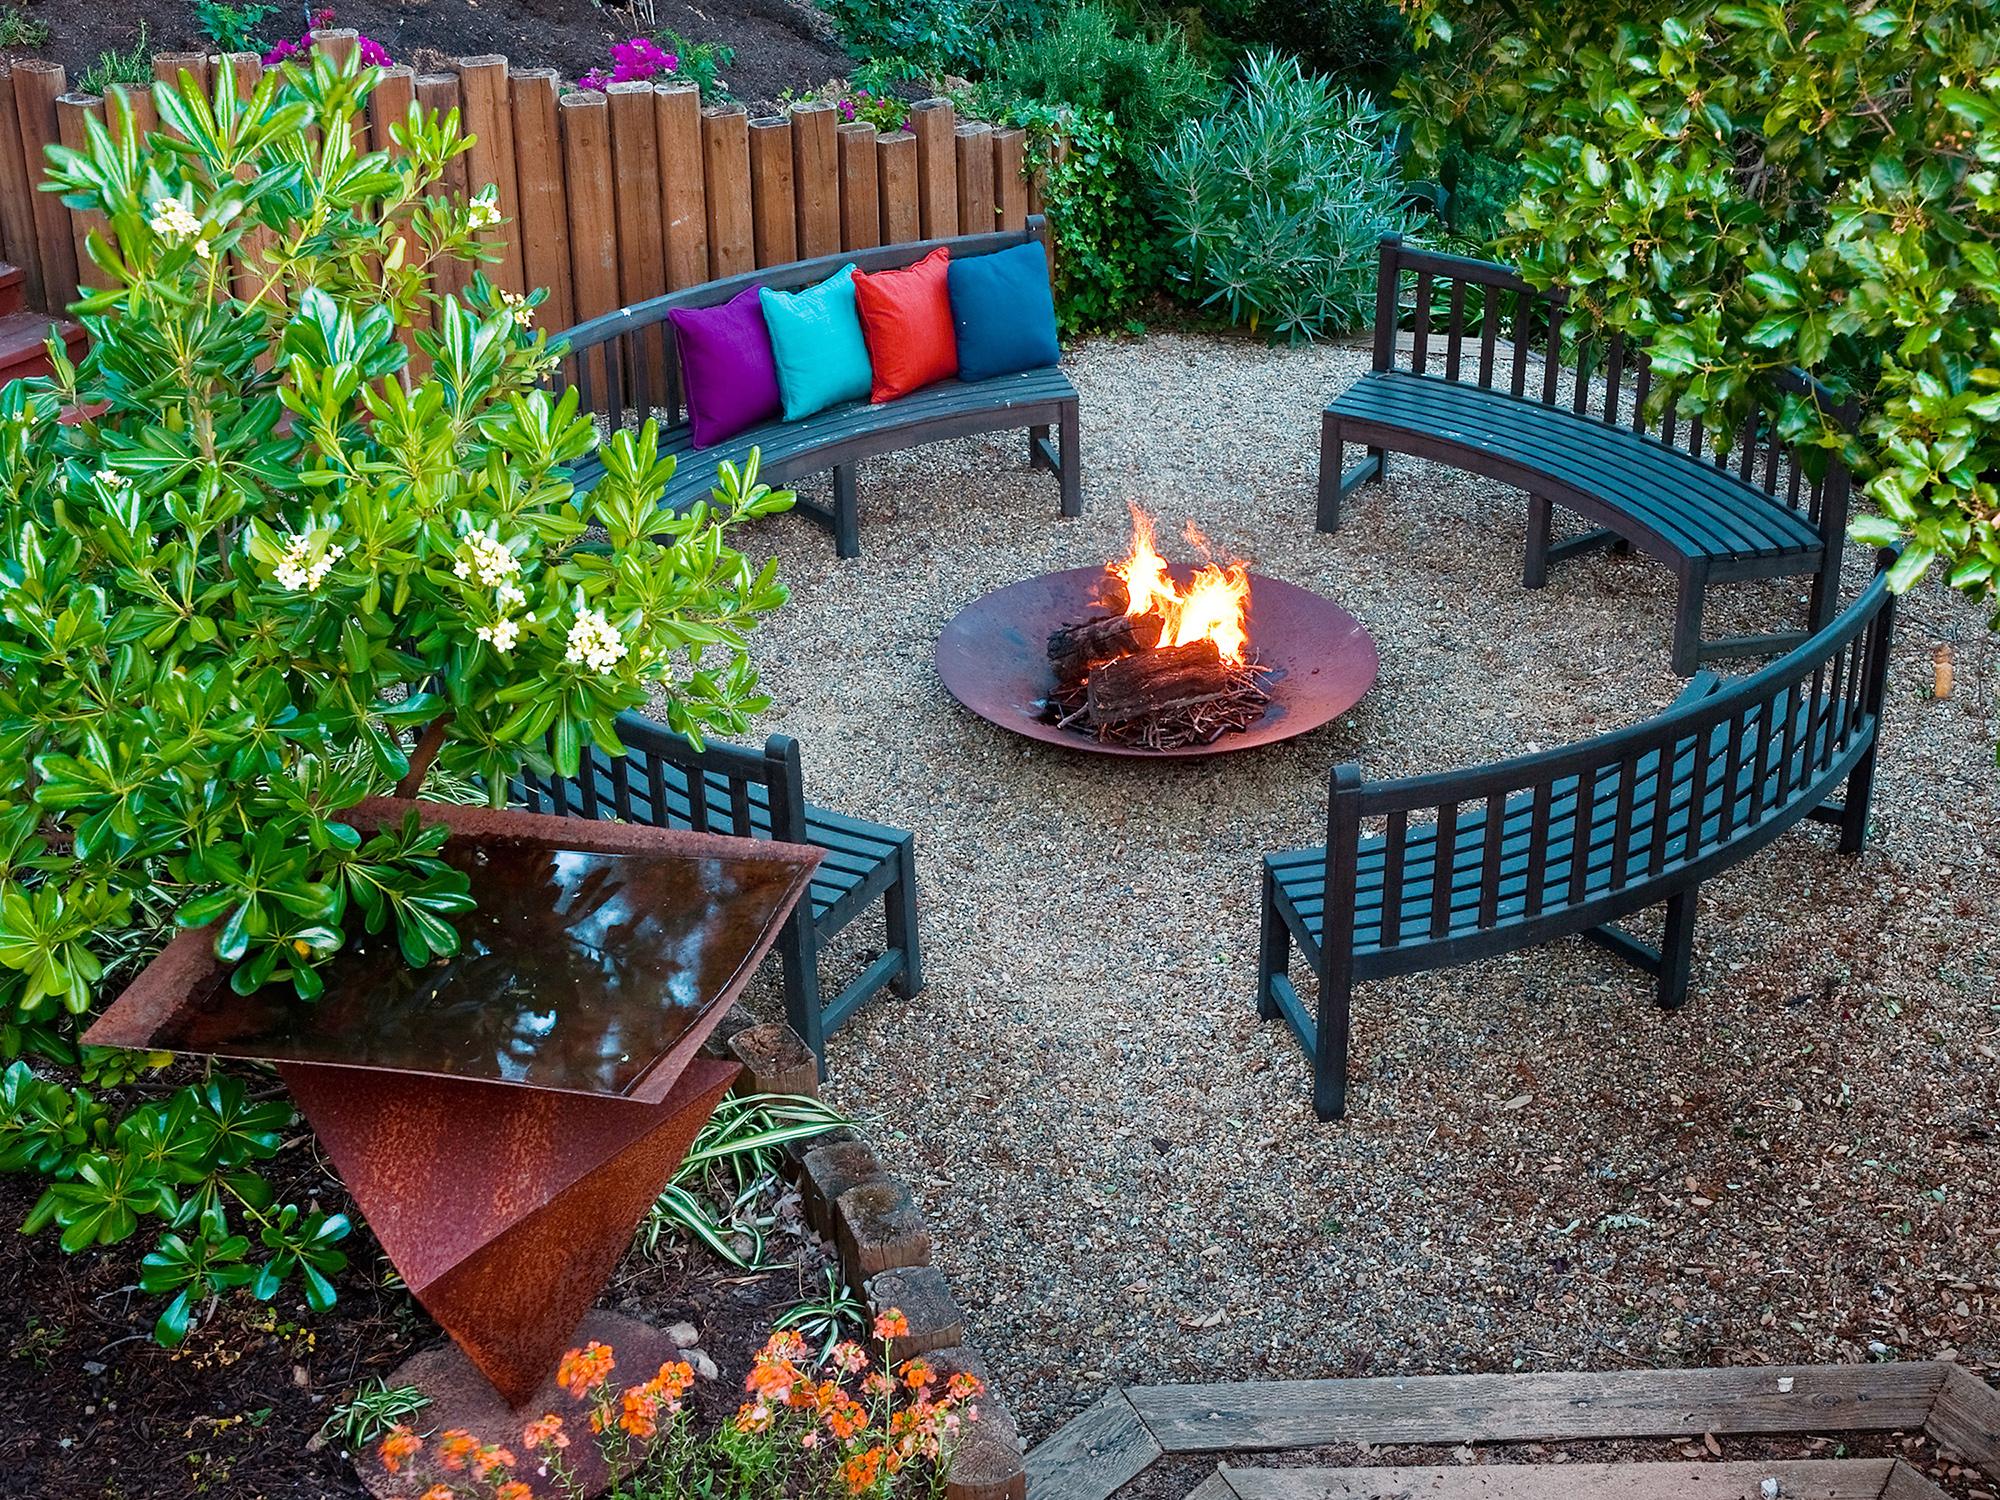 Полукруглые скамейки, декоративные растения и заборчики во дворе